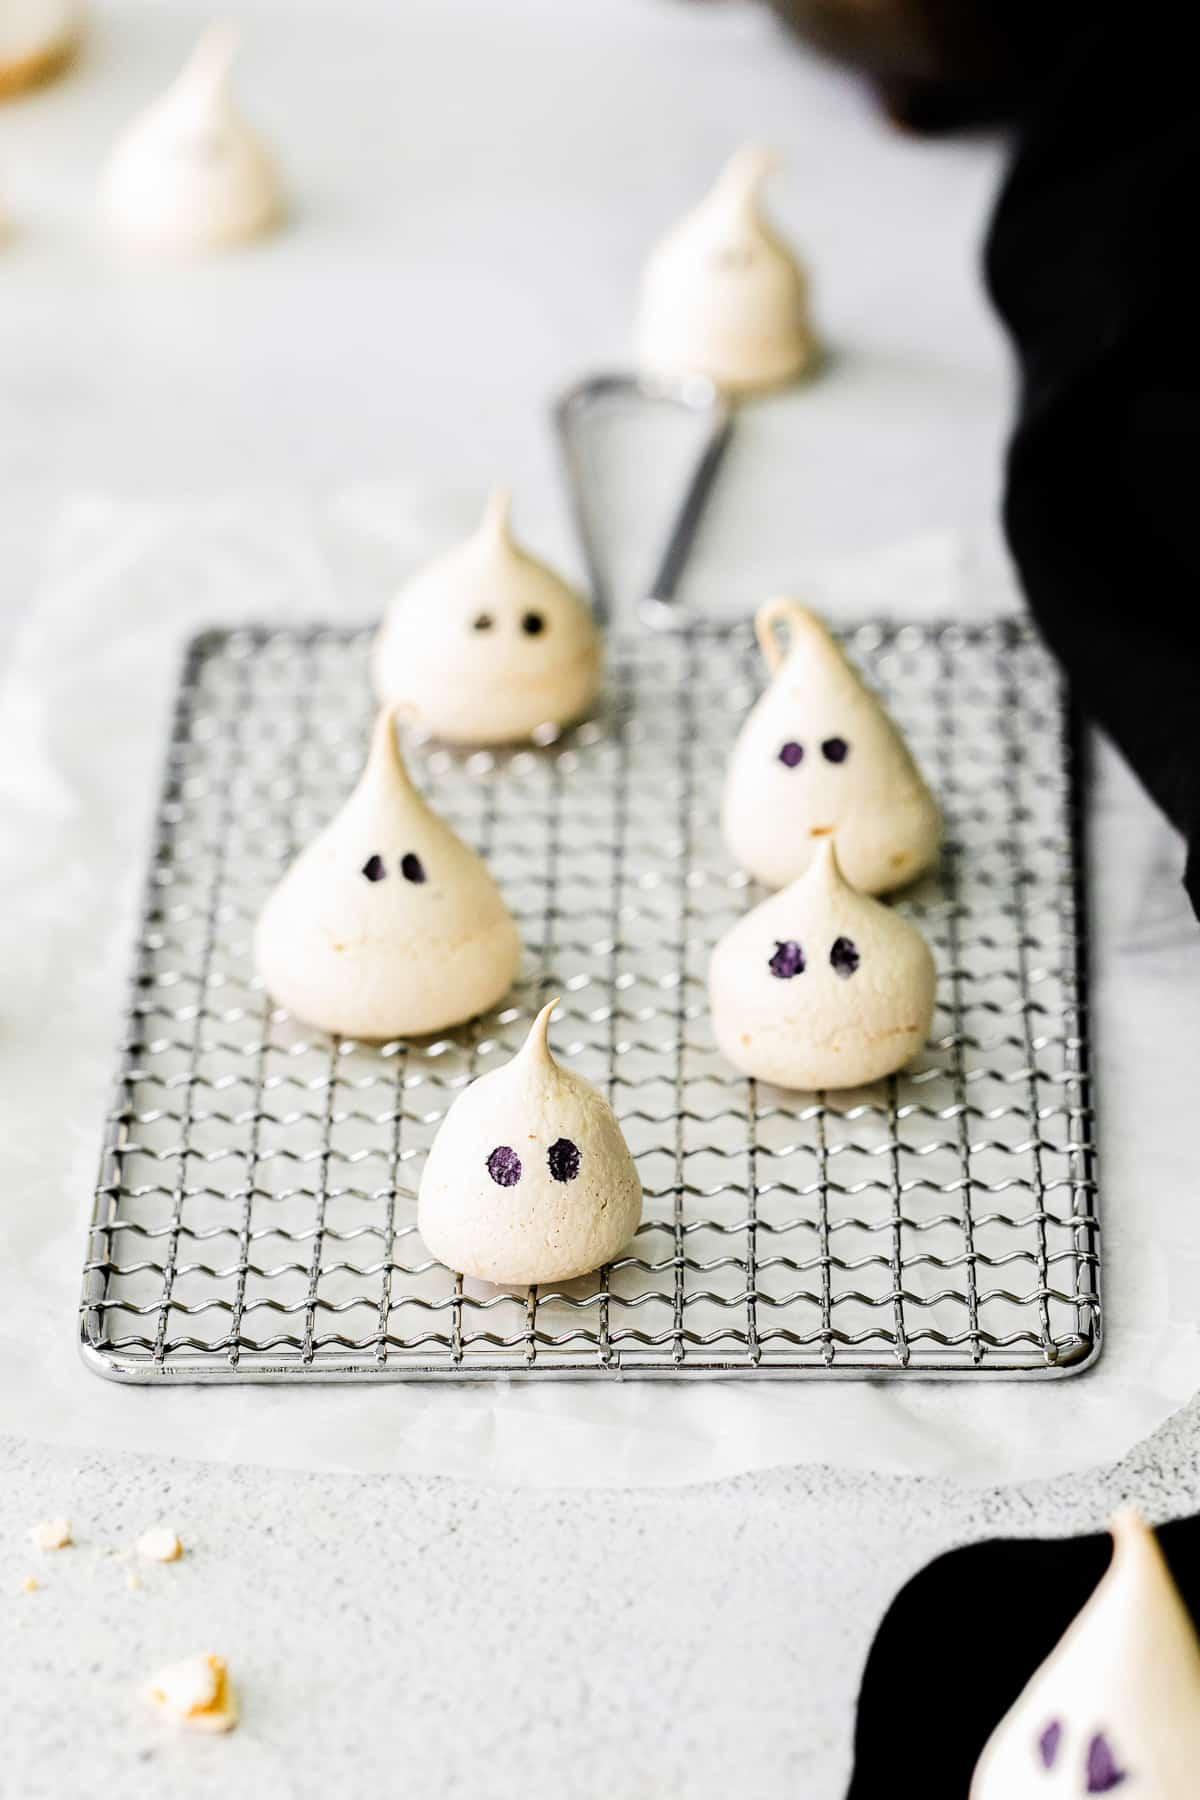 vanilla ghost meringues on cooling rack